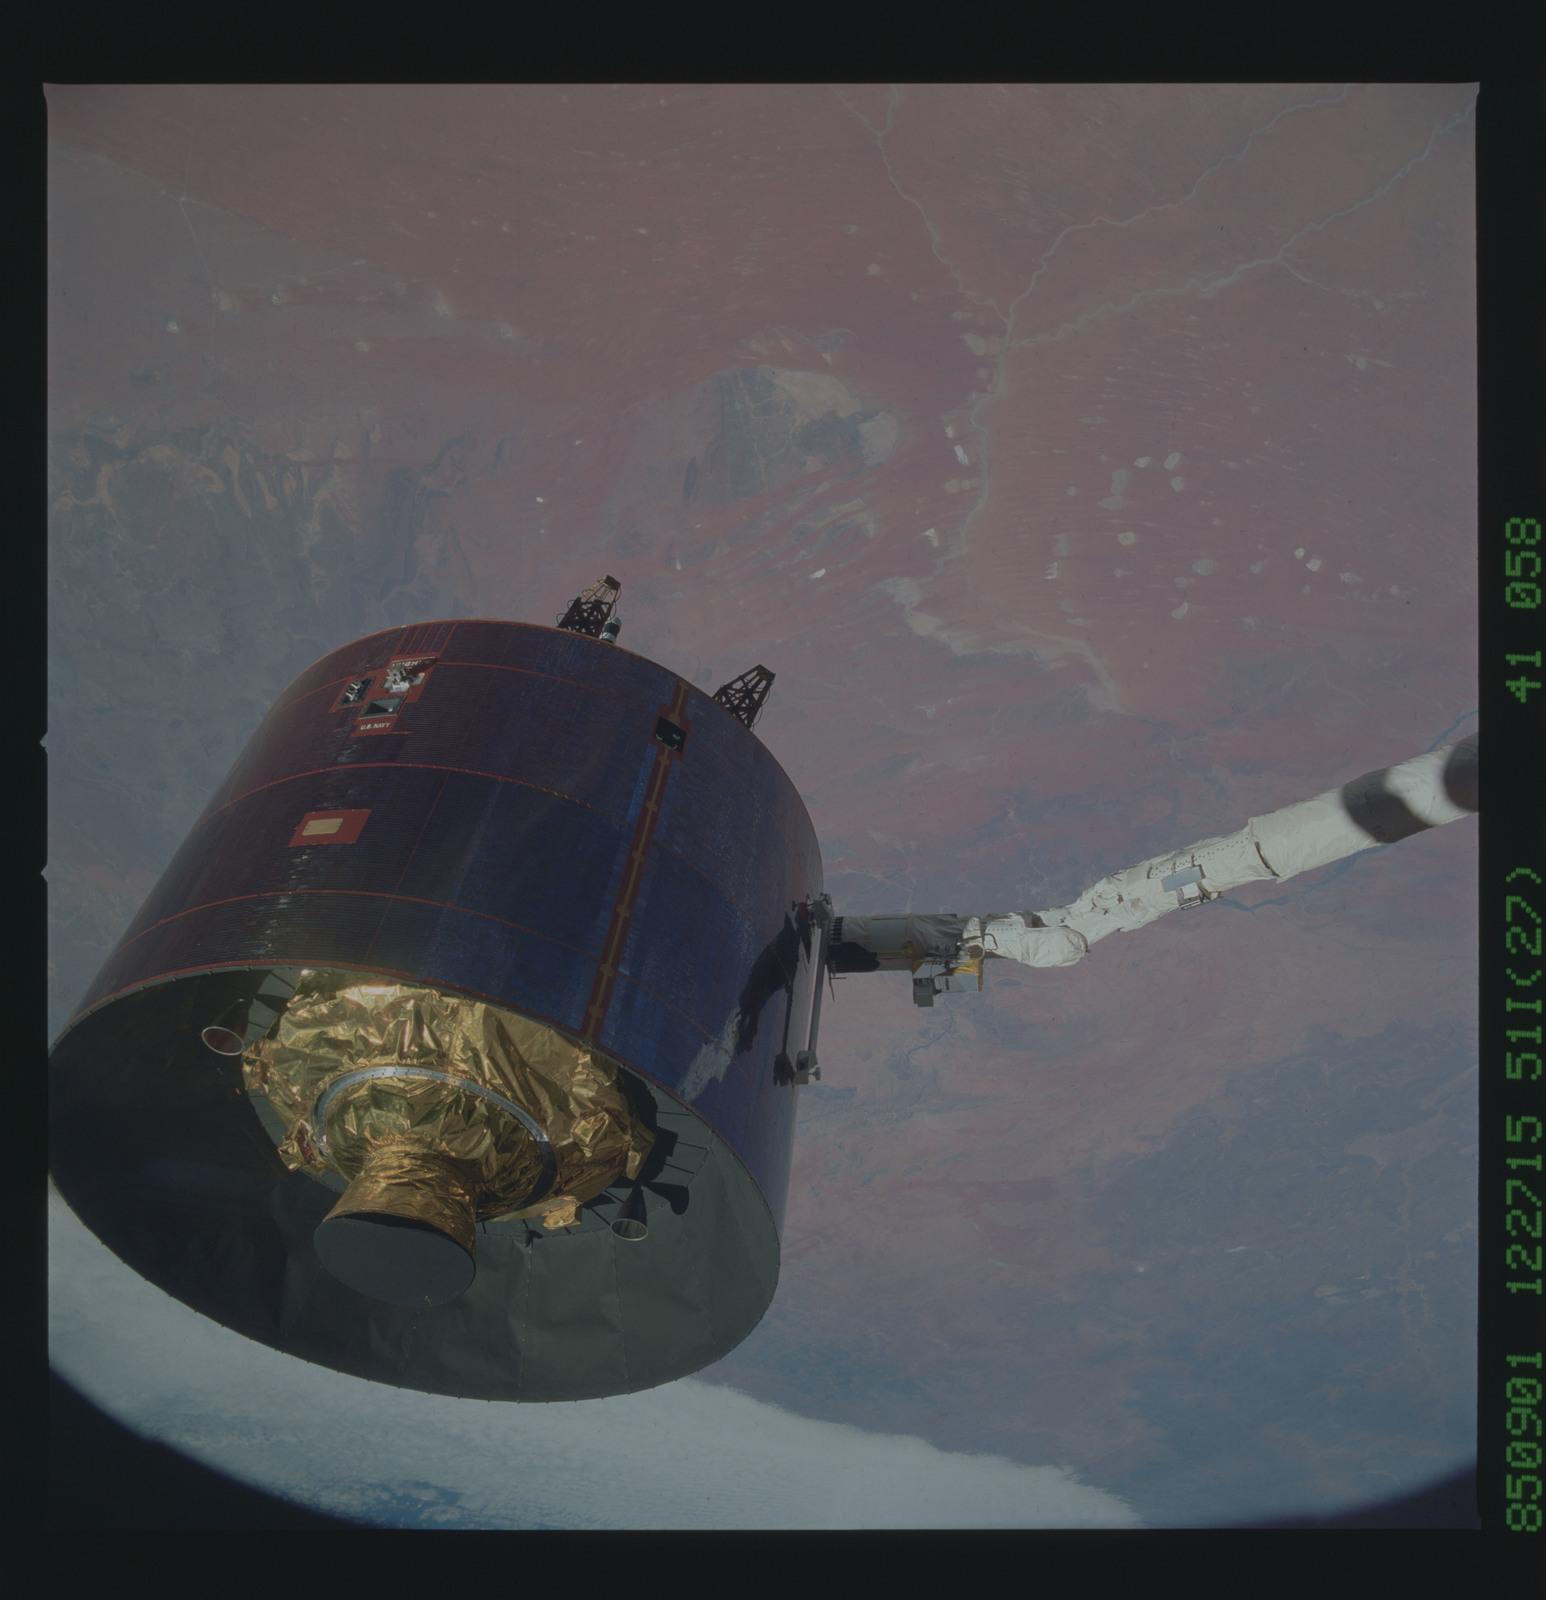 51i-41-058-sts-51i-leasat-3-repairs-duri